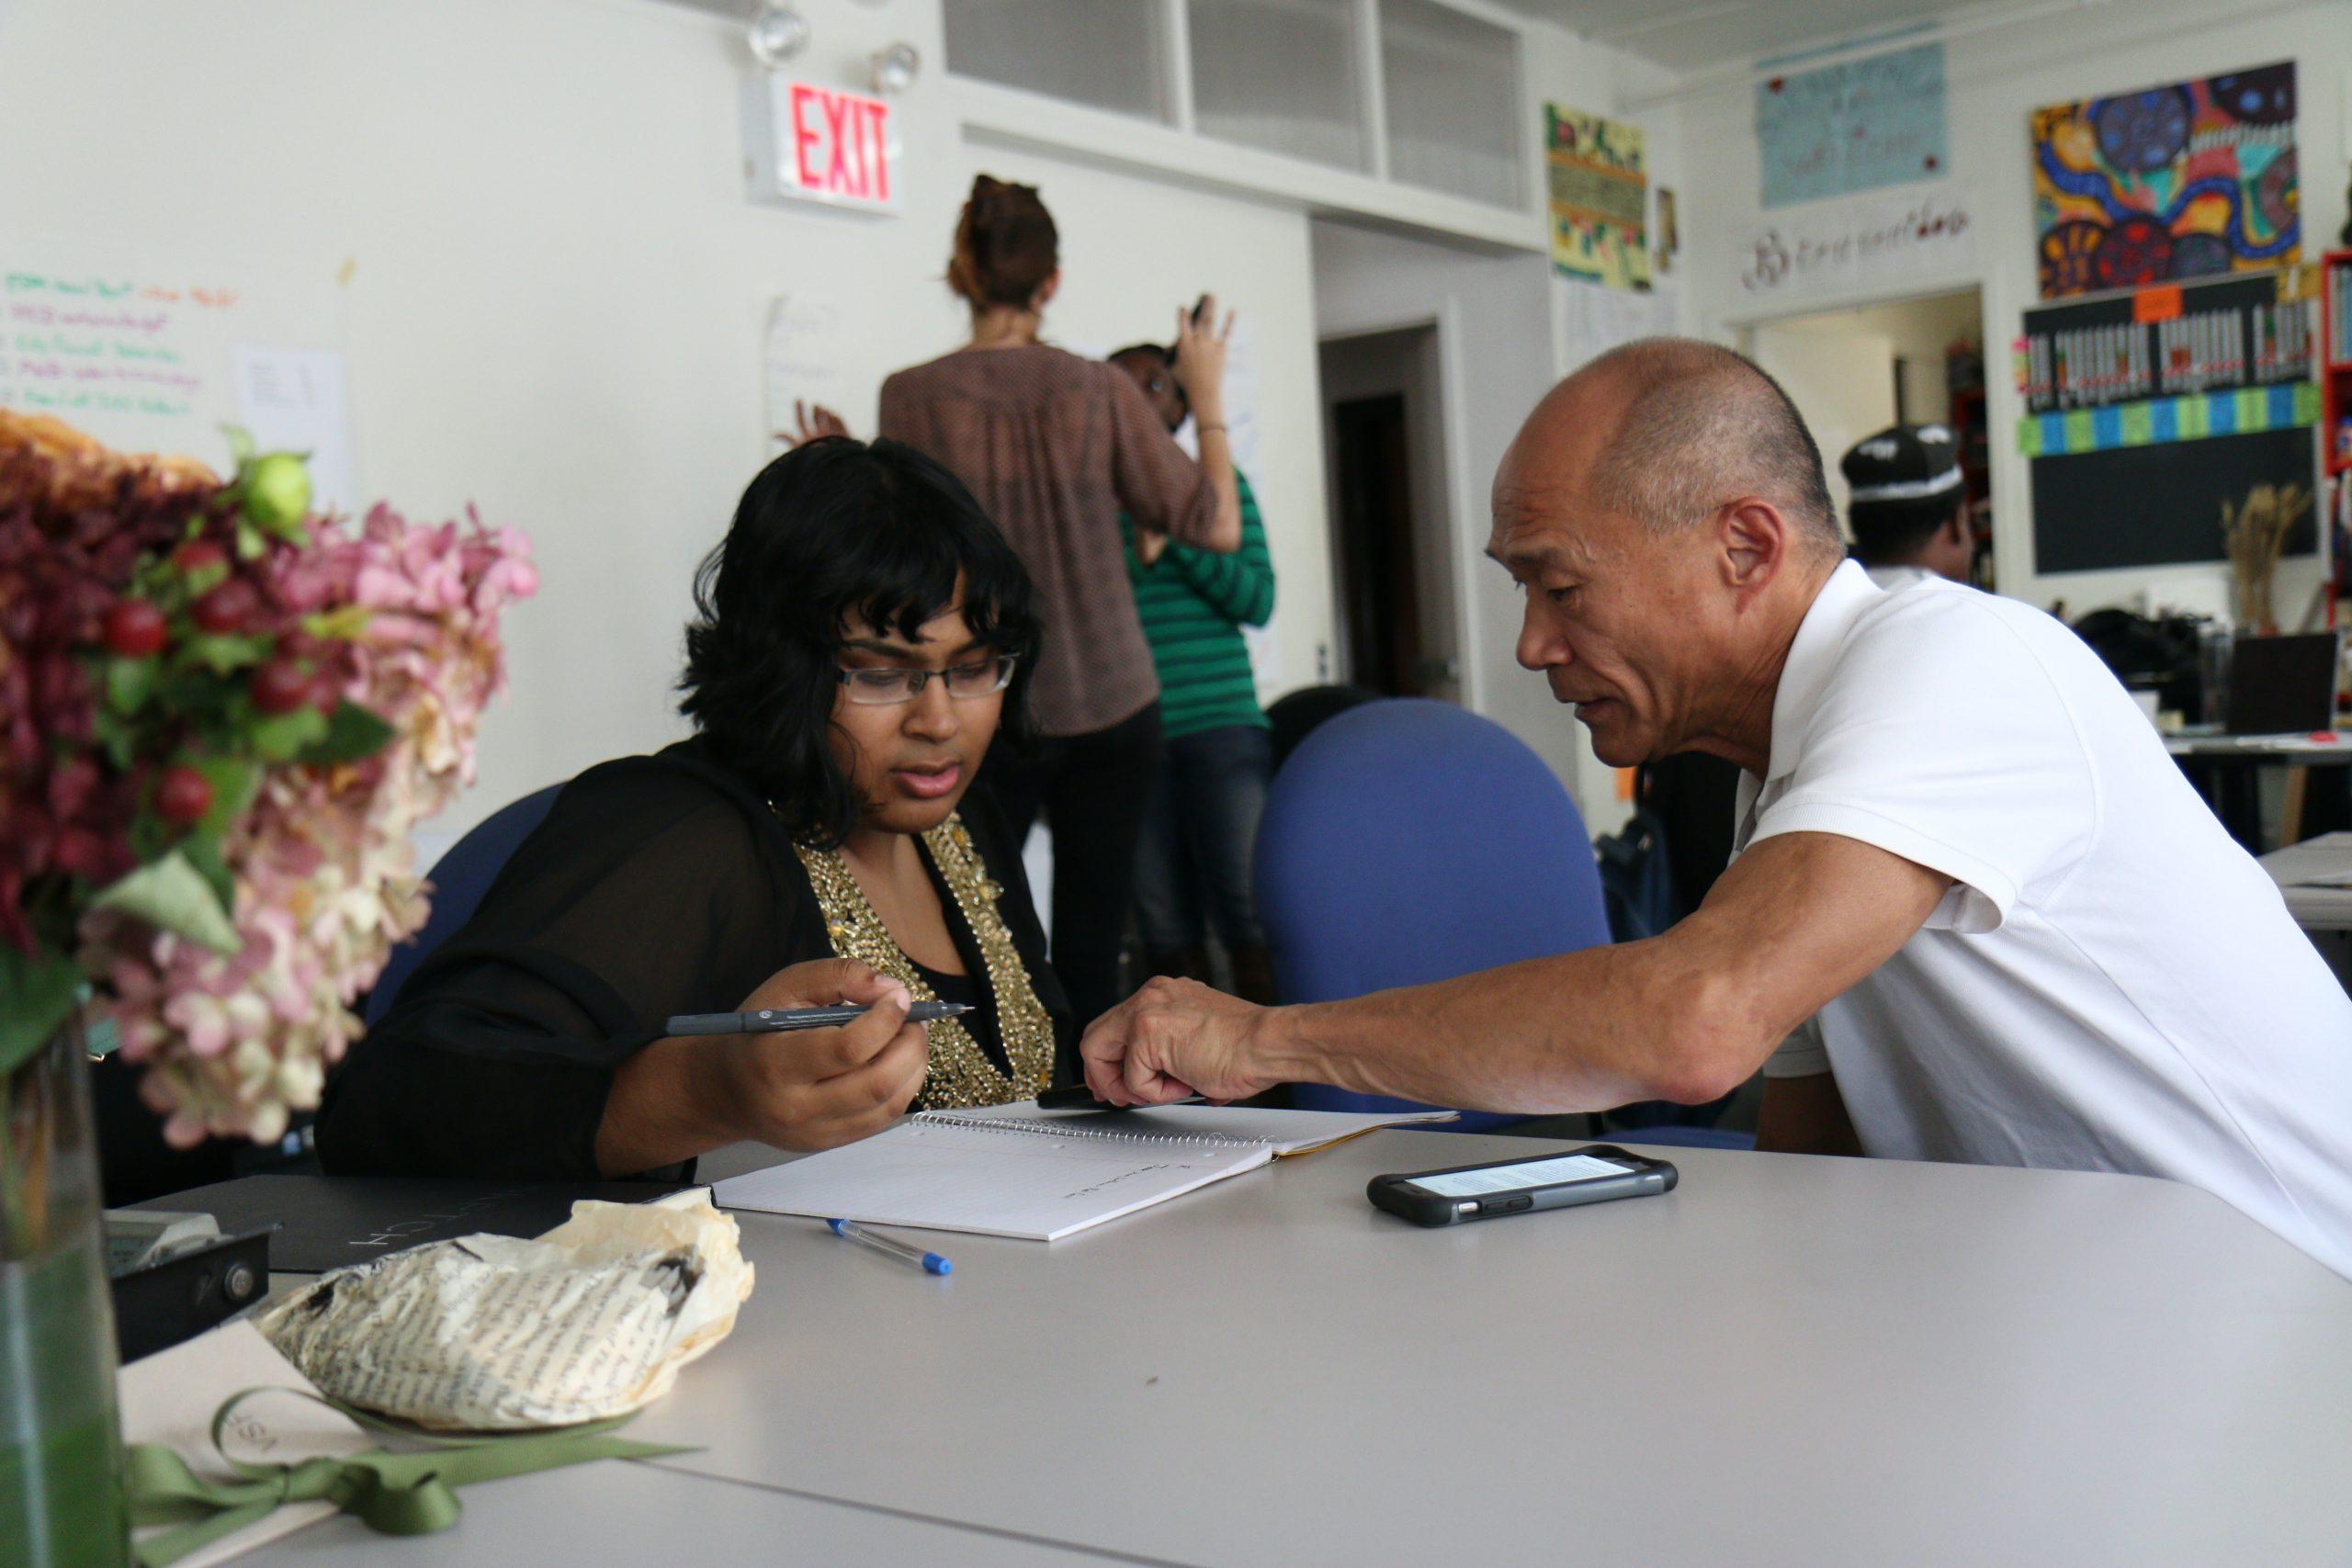 Developing a better mentoring program